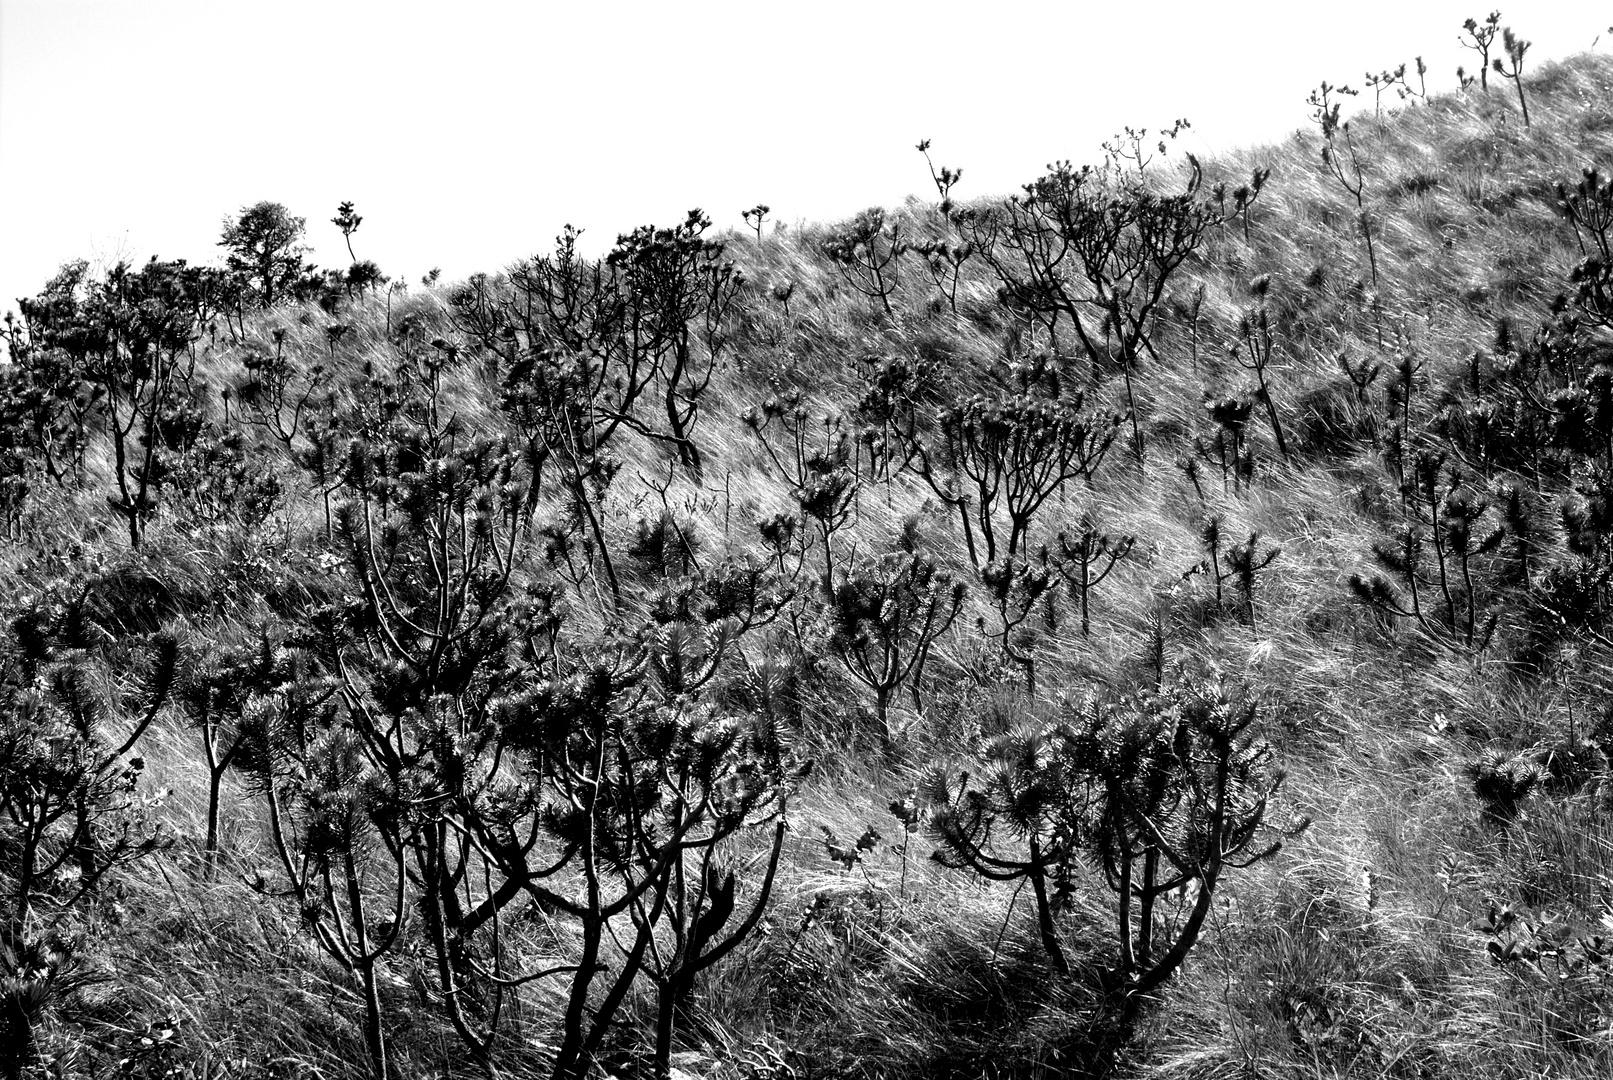 Cerrado fields in B&W